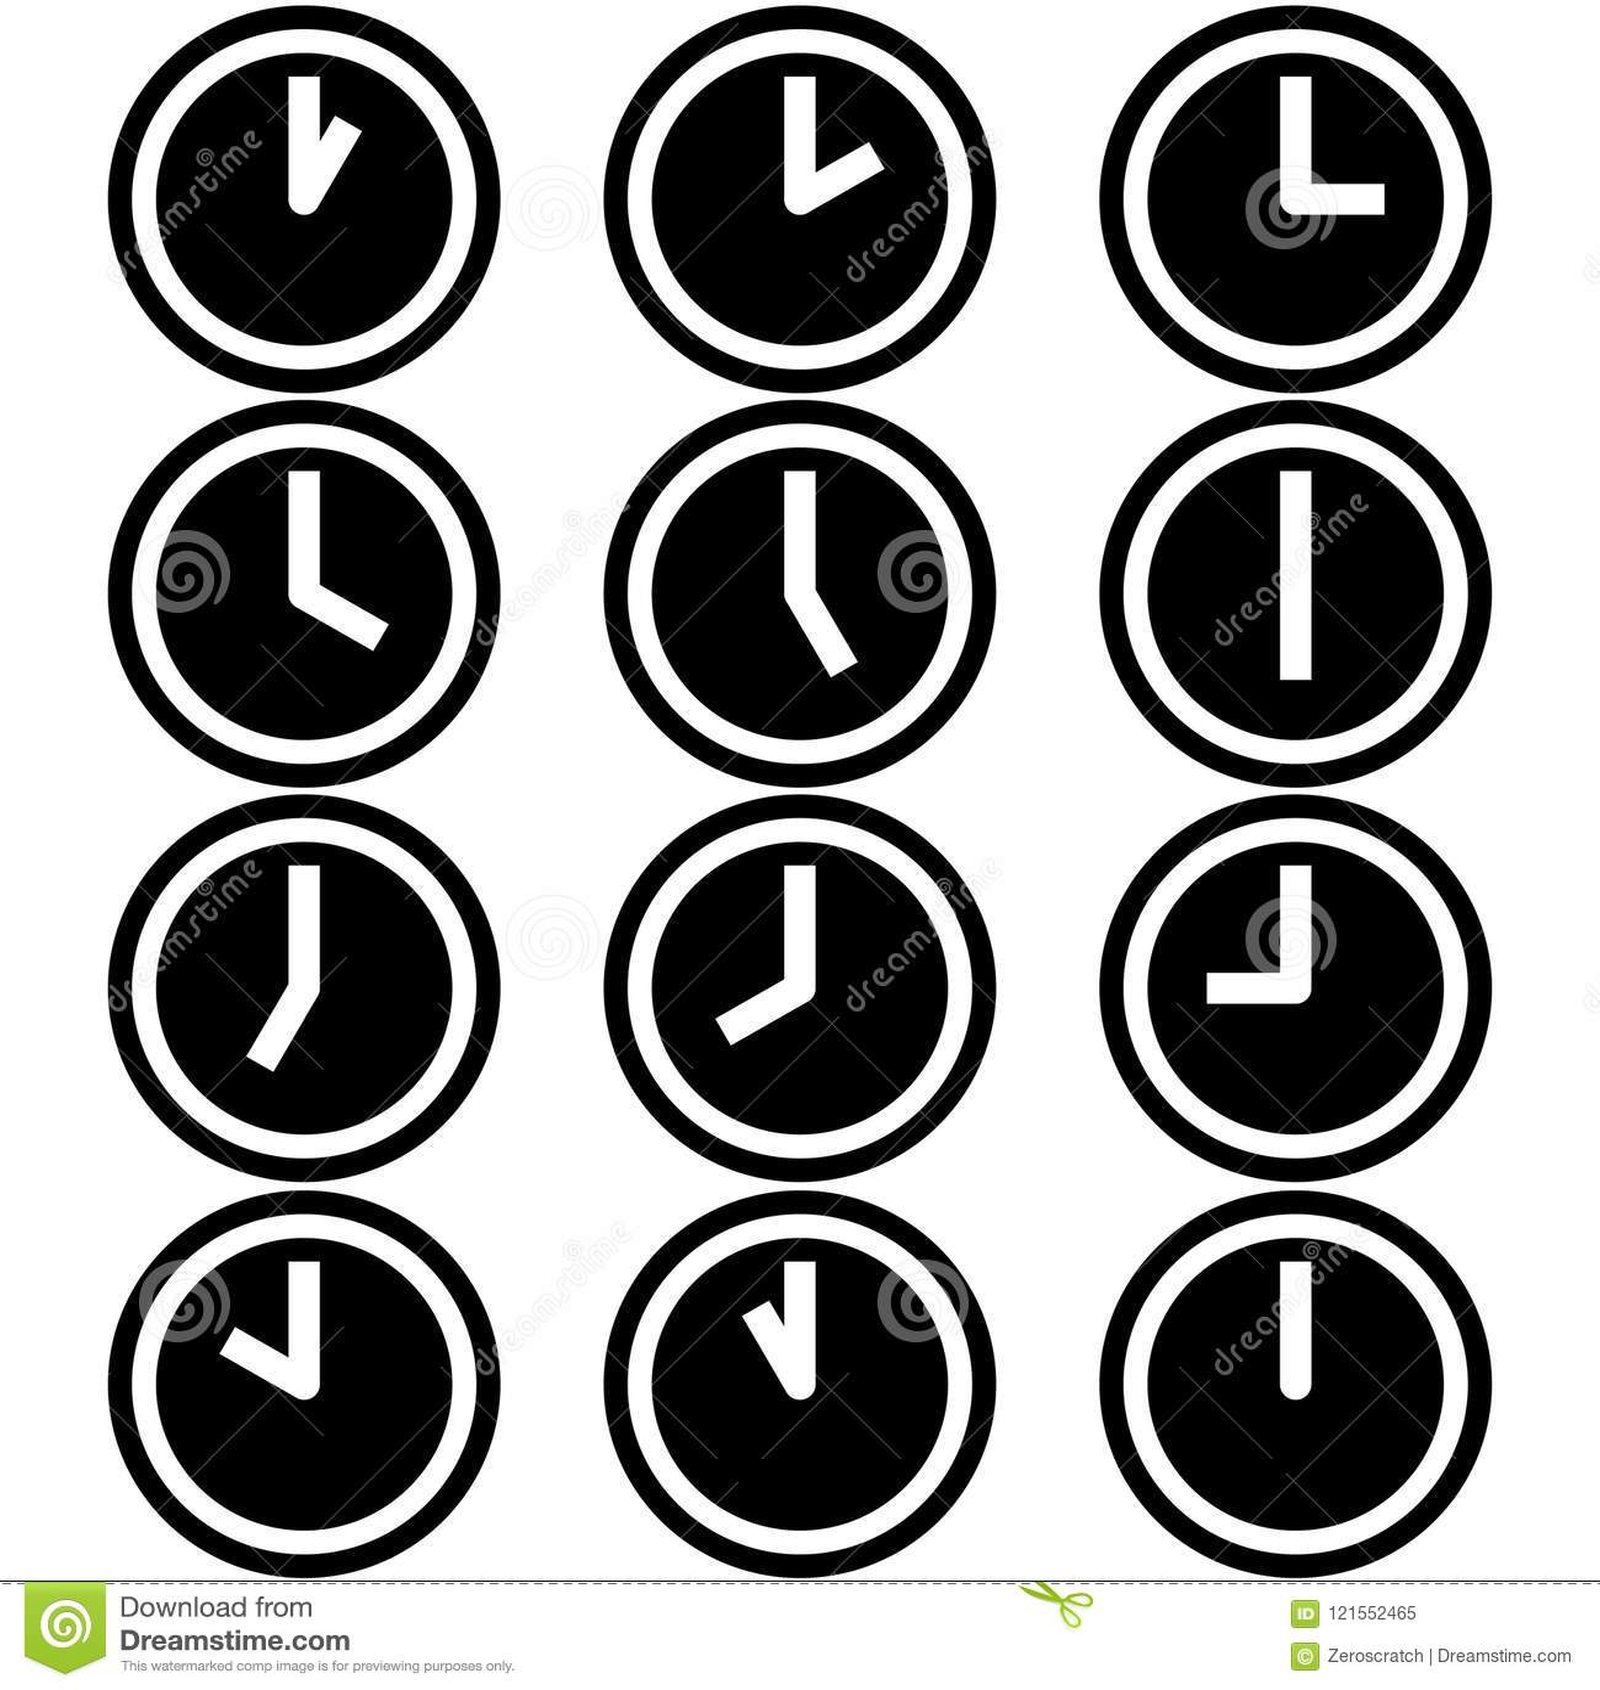 Los relojes que muestran iconos de los símbolos de las horas del momento diferente firman logotipos el sistema coloreado blanco y